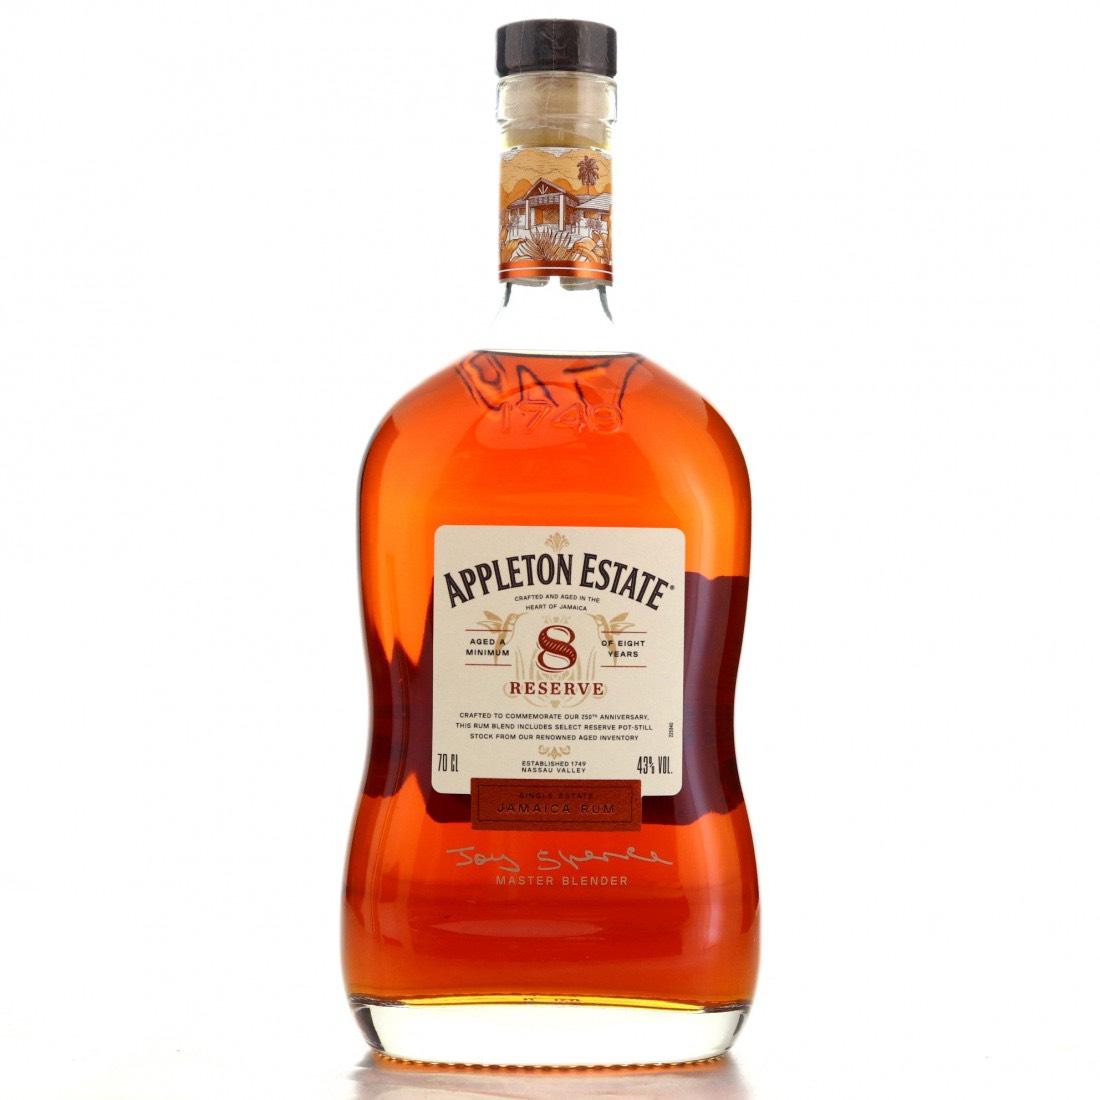 Bottle image of Reserve